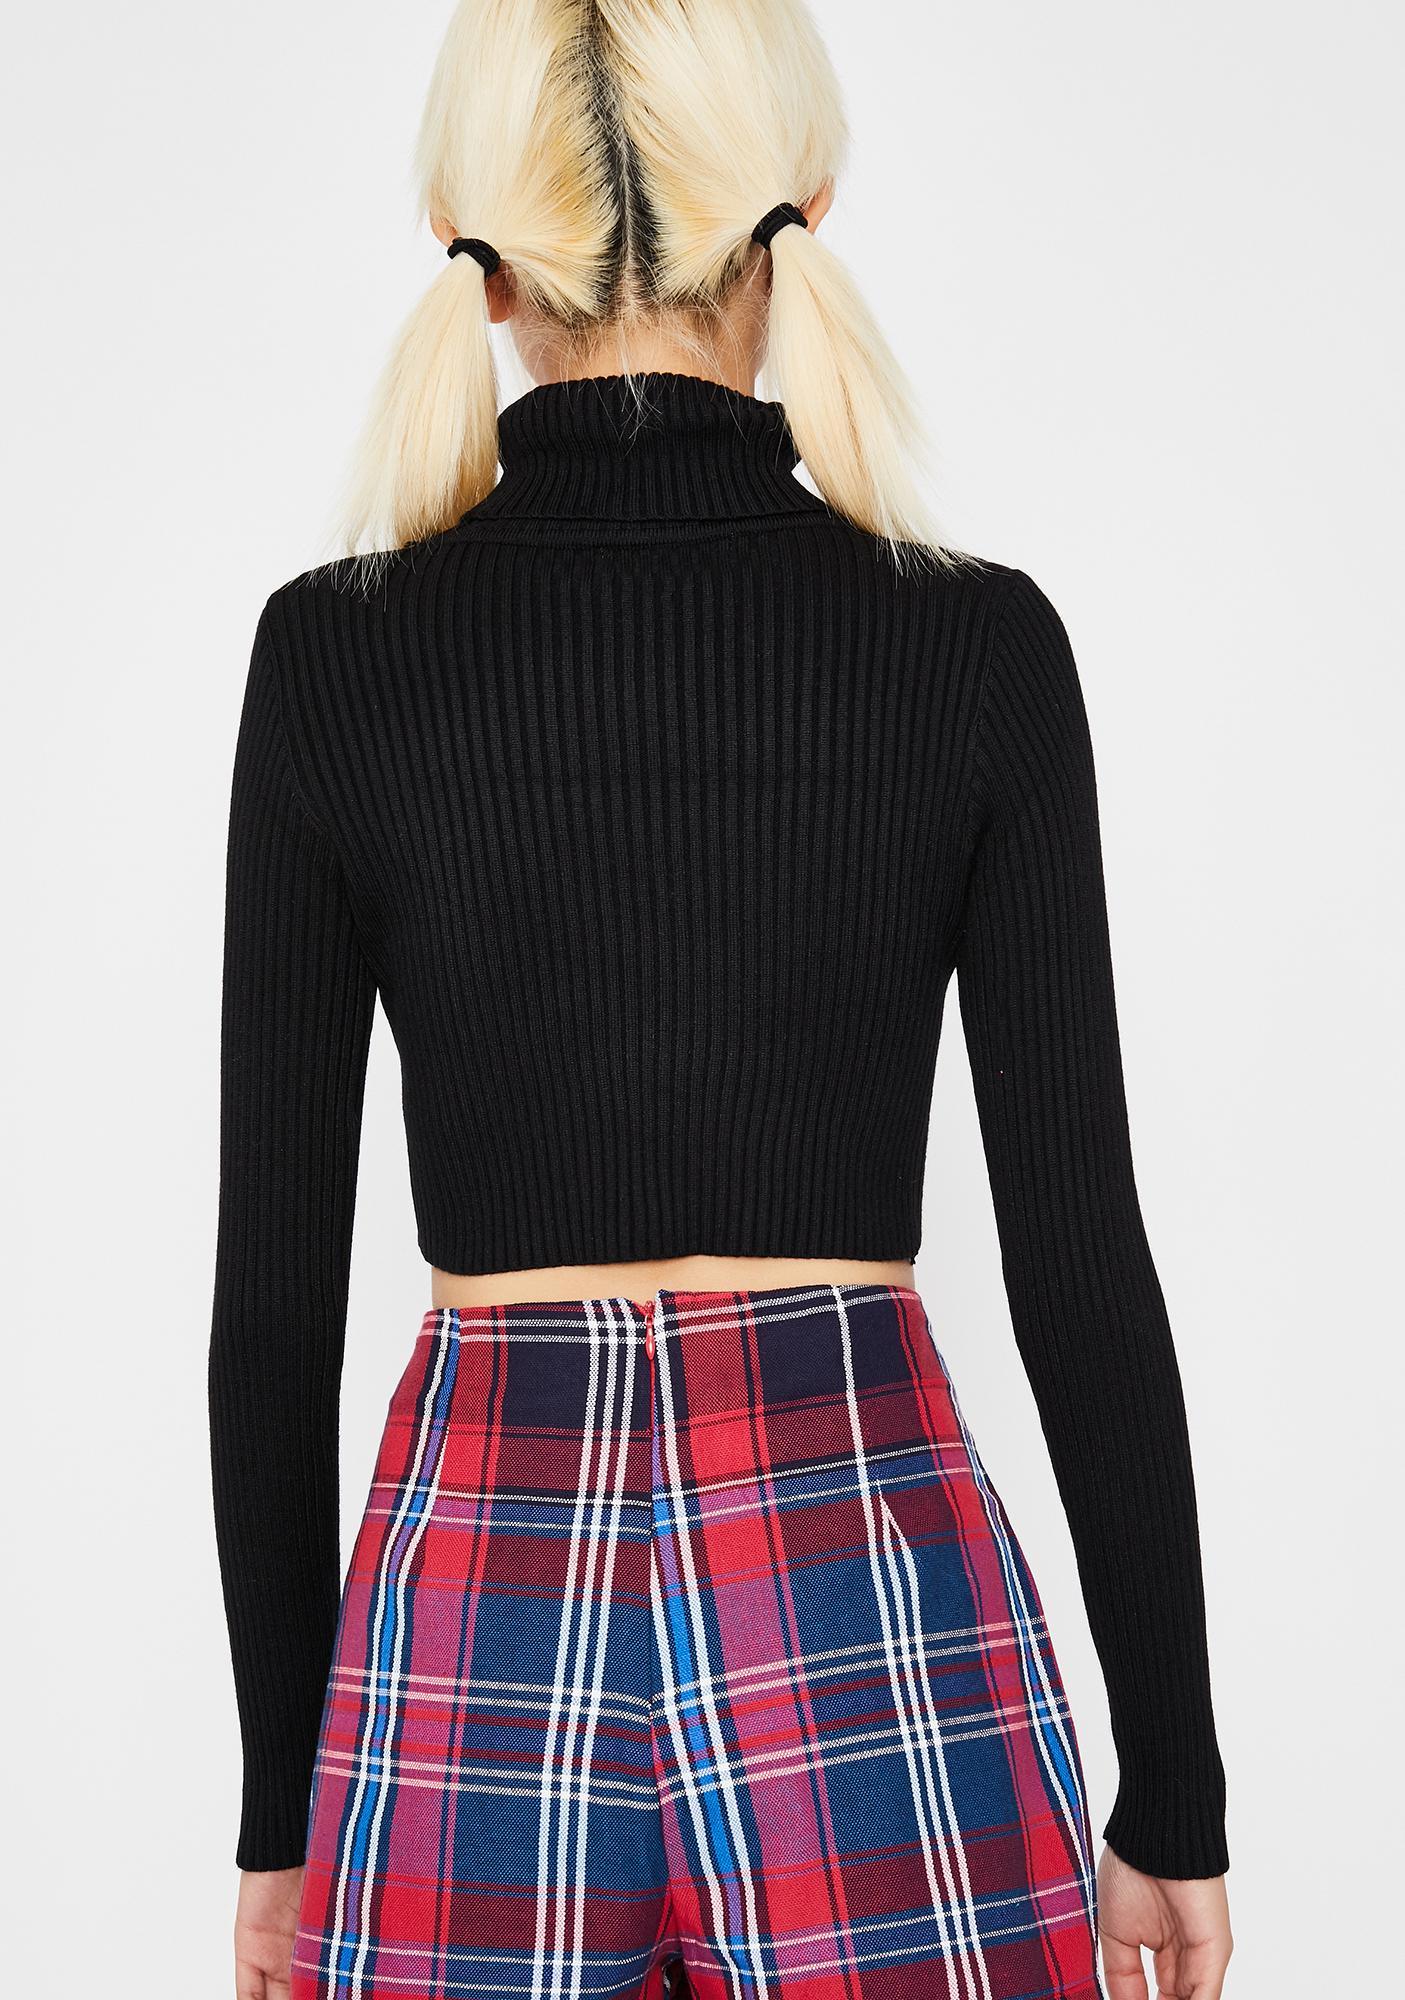 Babe Basicz Cropped Sweater